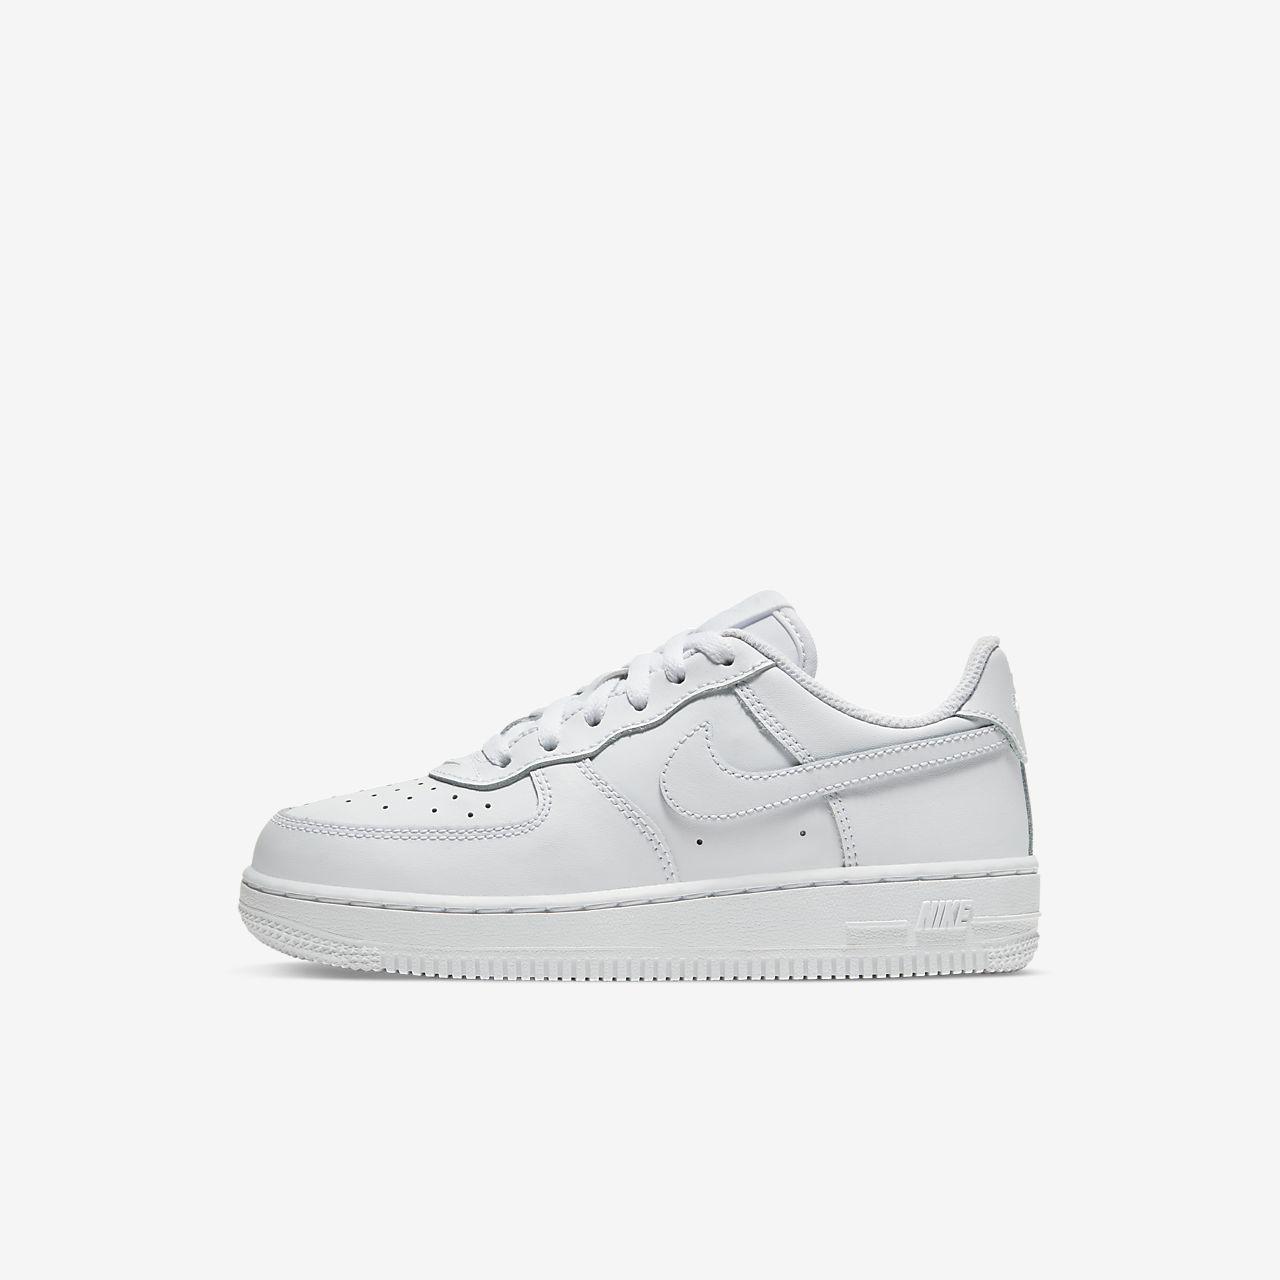 b75f4bc72fc5 Nike Force 1-sko til små børn. Nike.com DK